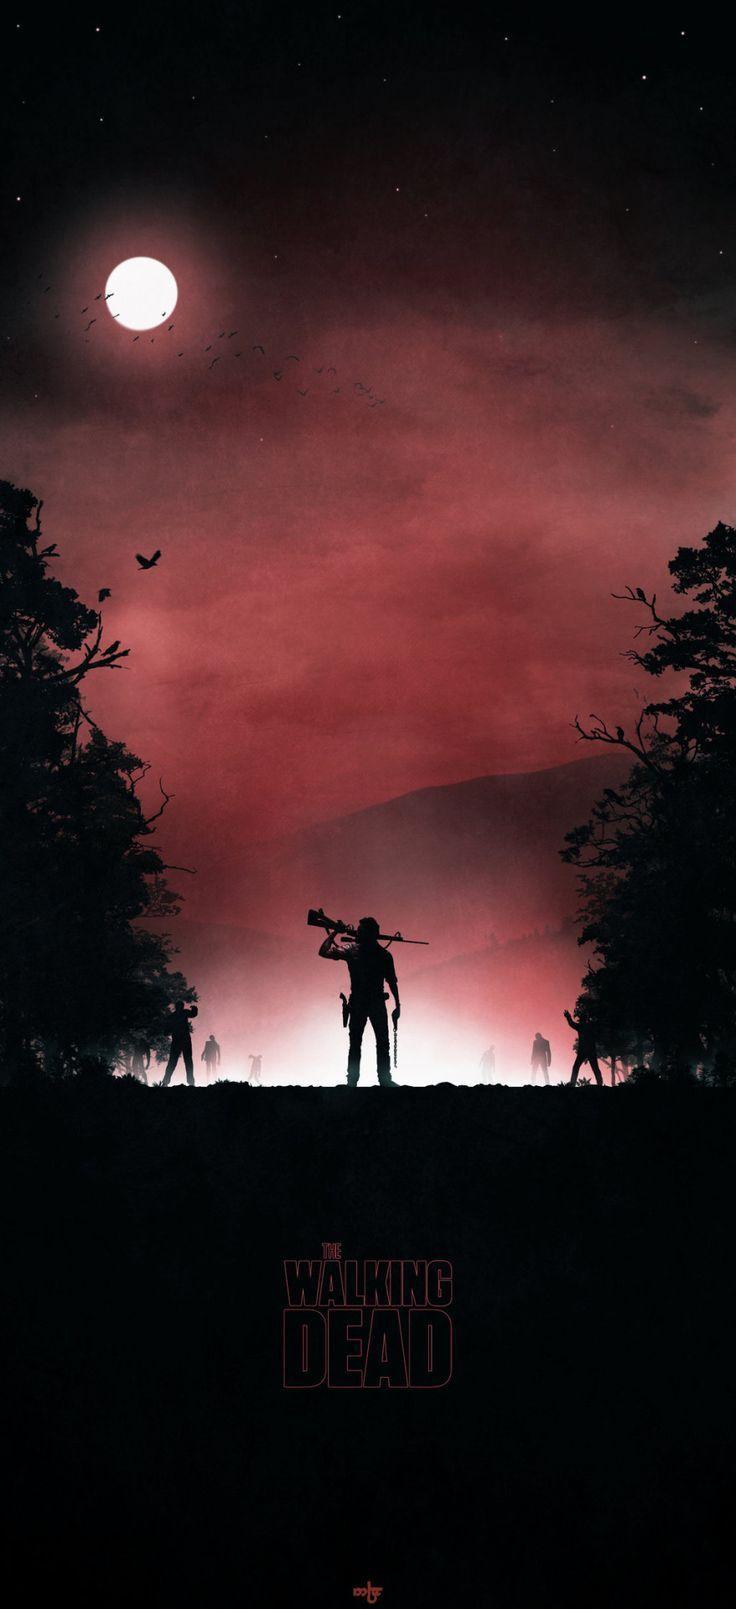 The Walking Dead Season 8 Wallpapers - Wallpaper Cave